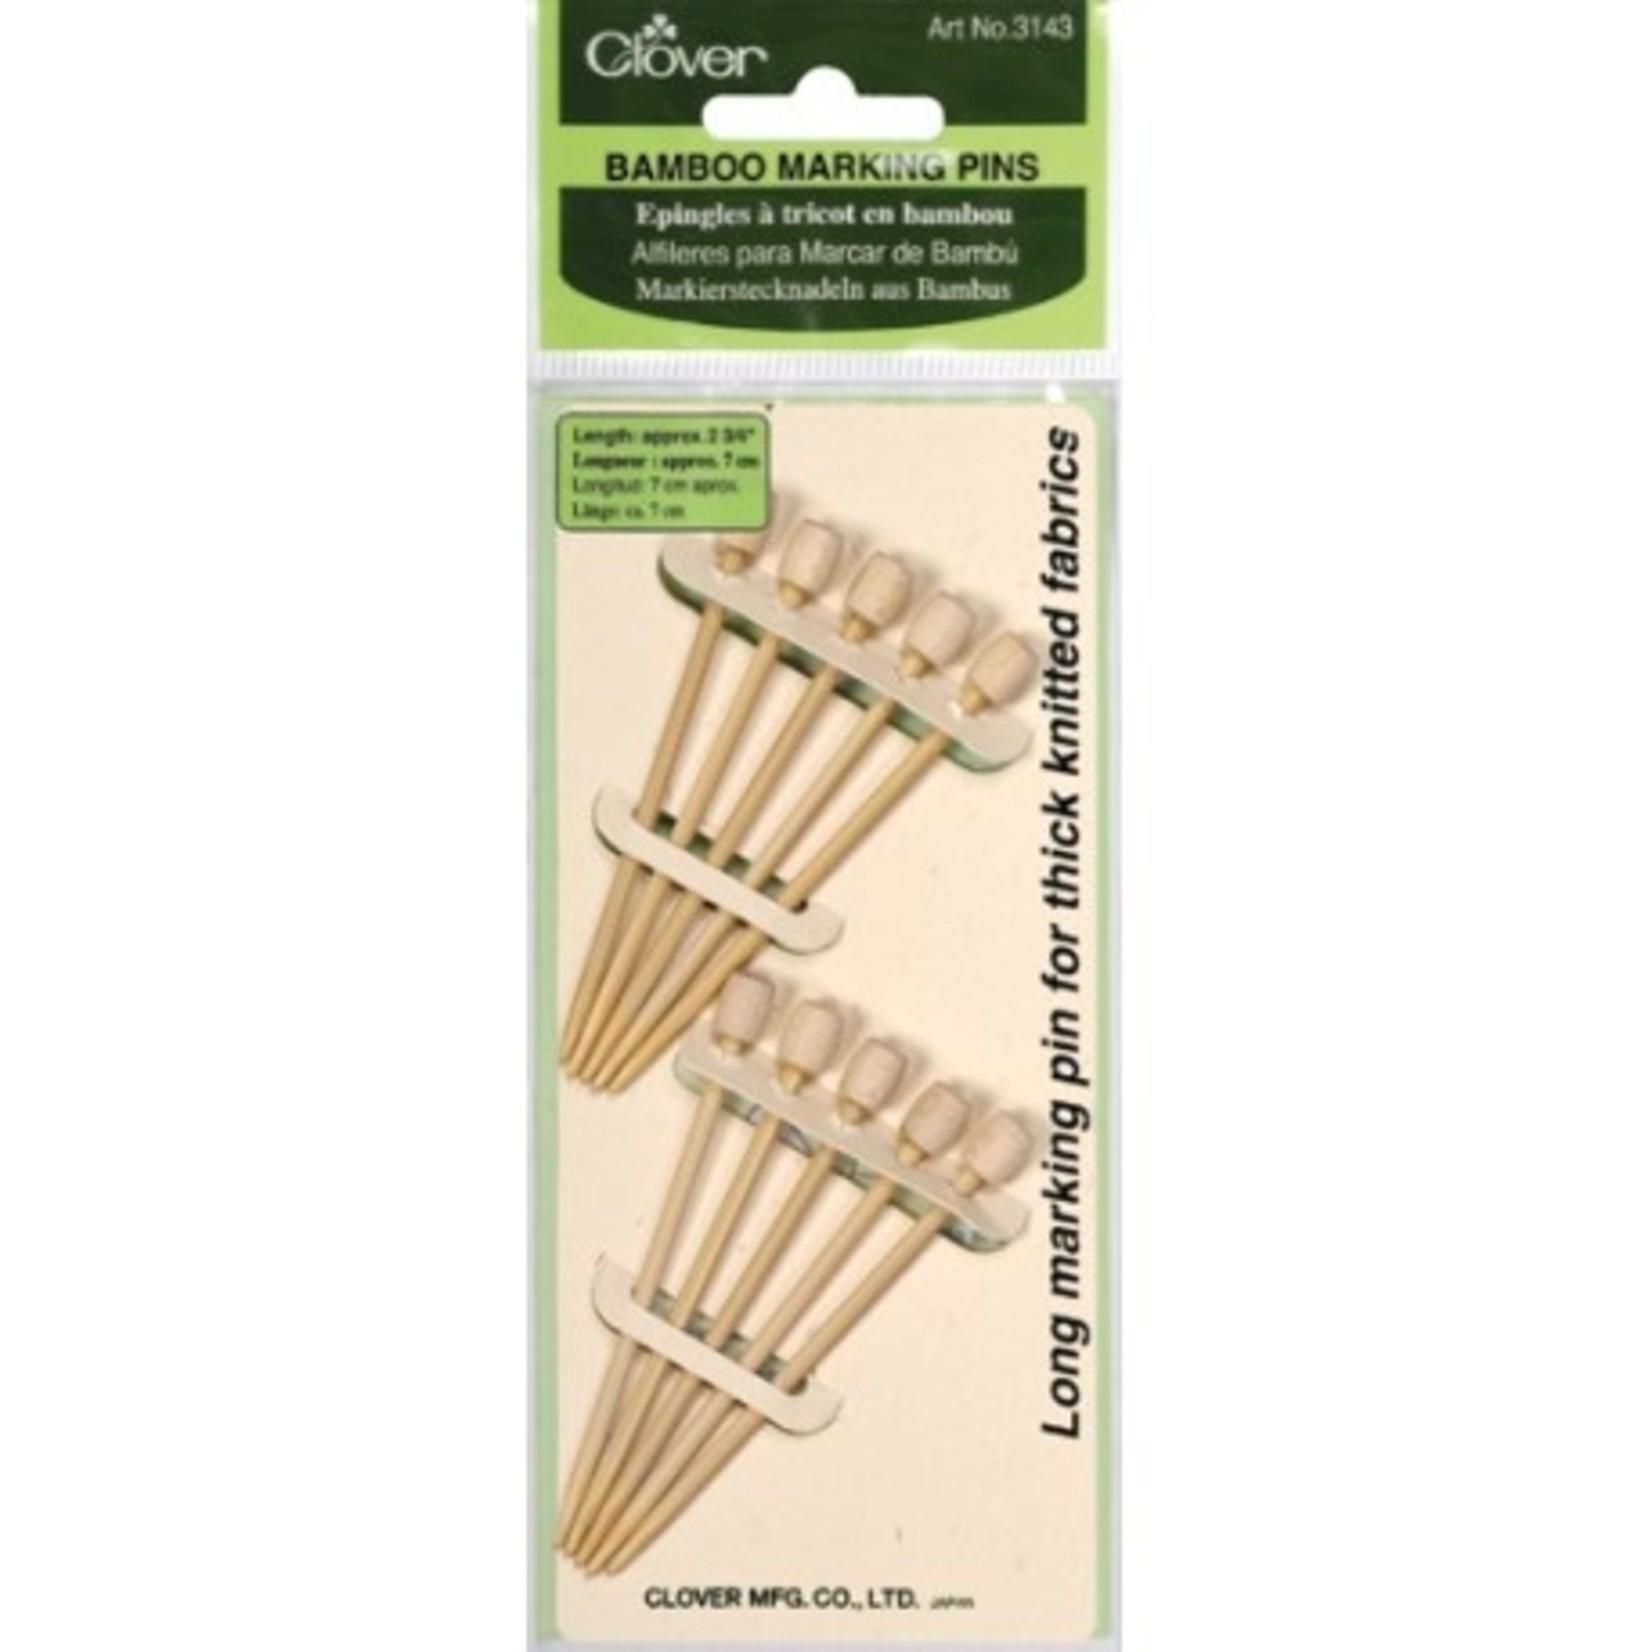 Clover CLOVER 3143 - Bamboo Marking Pins